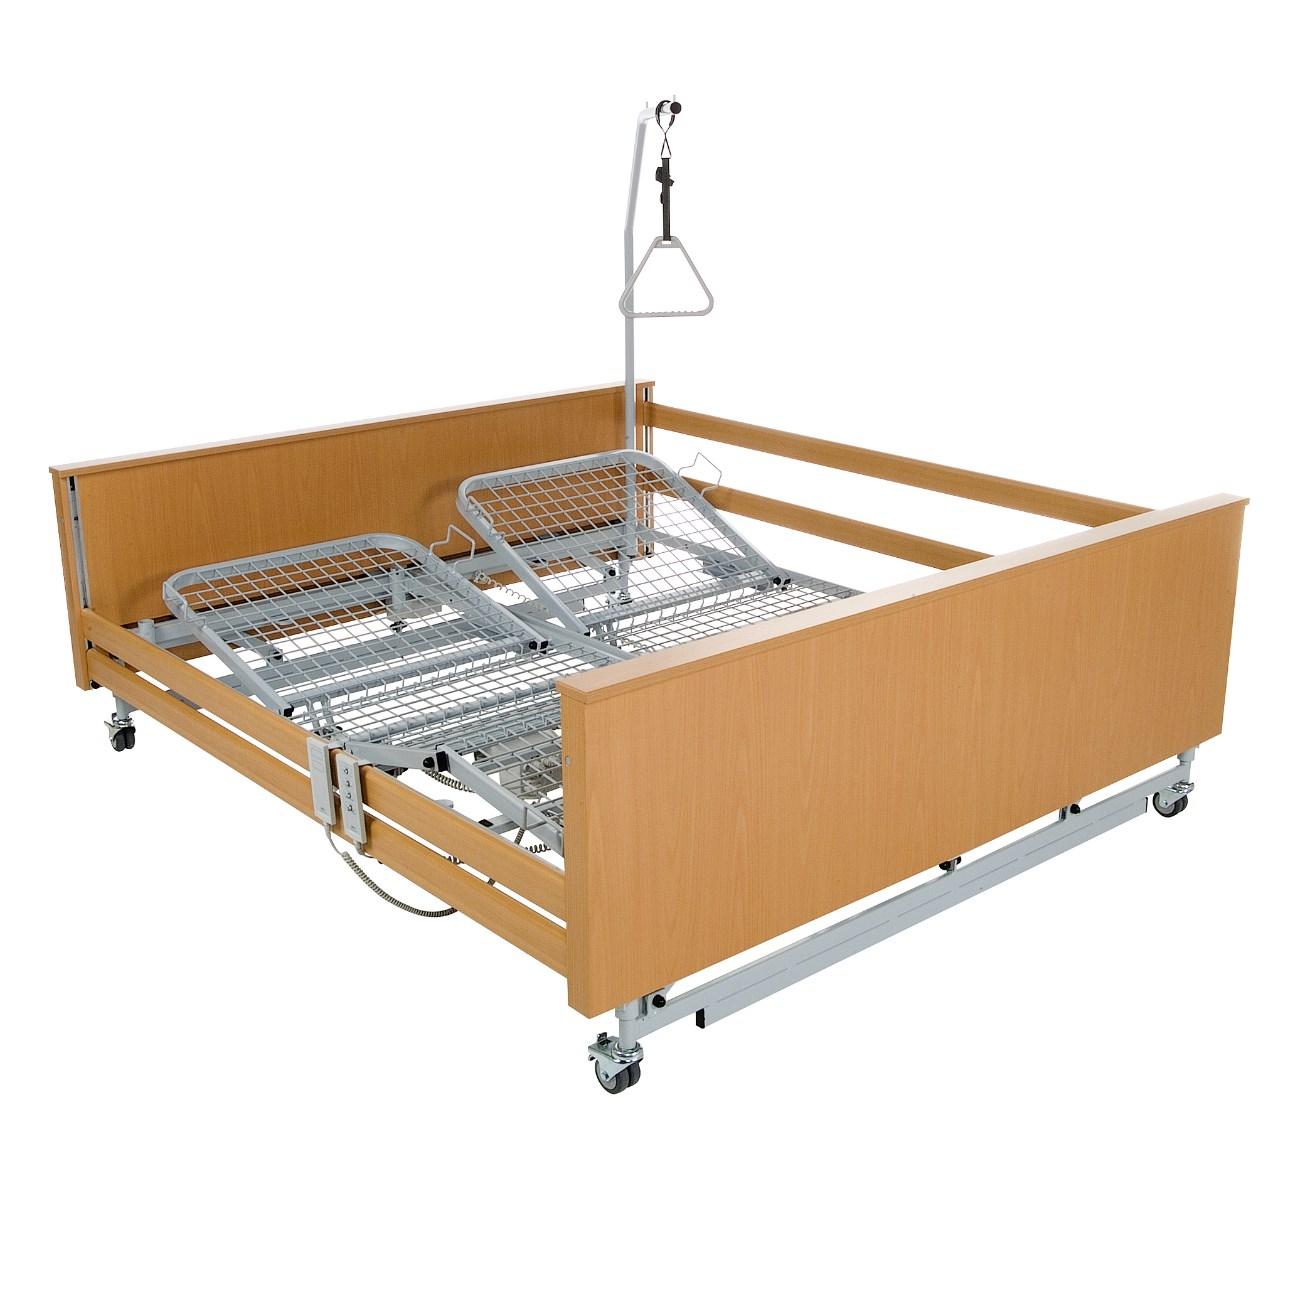 Full Size of Klappbares Doppelbett Bauen Bett Pflegedoppelbett Duo Online Kaufen Ausklappbares Wohnzimmer Klappbares Doppelbett